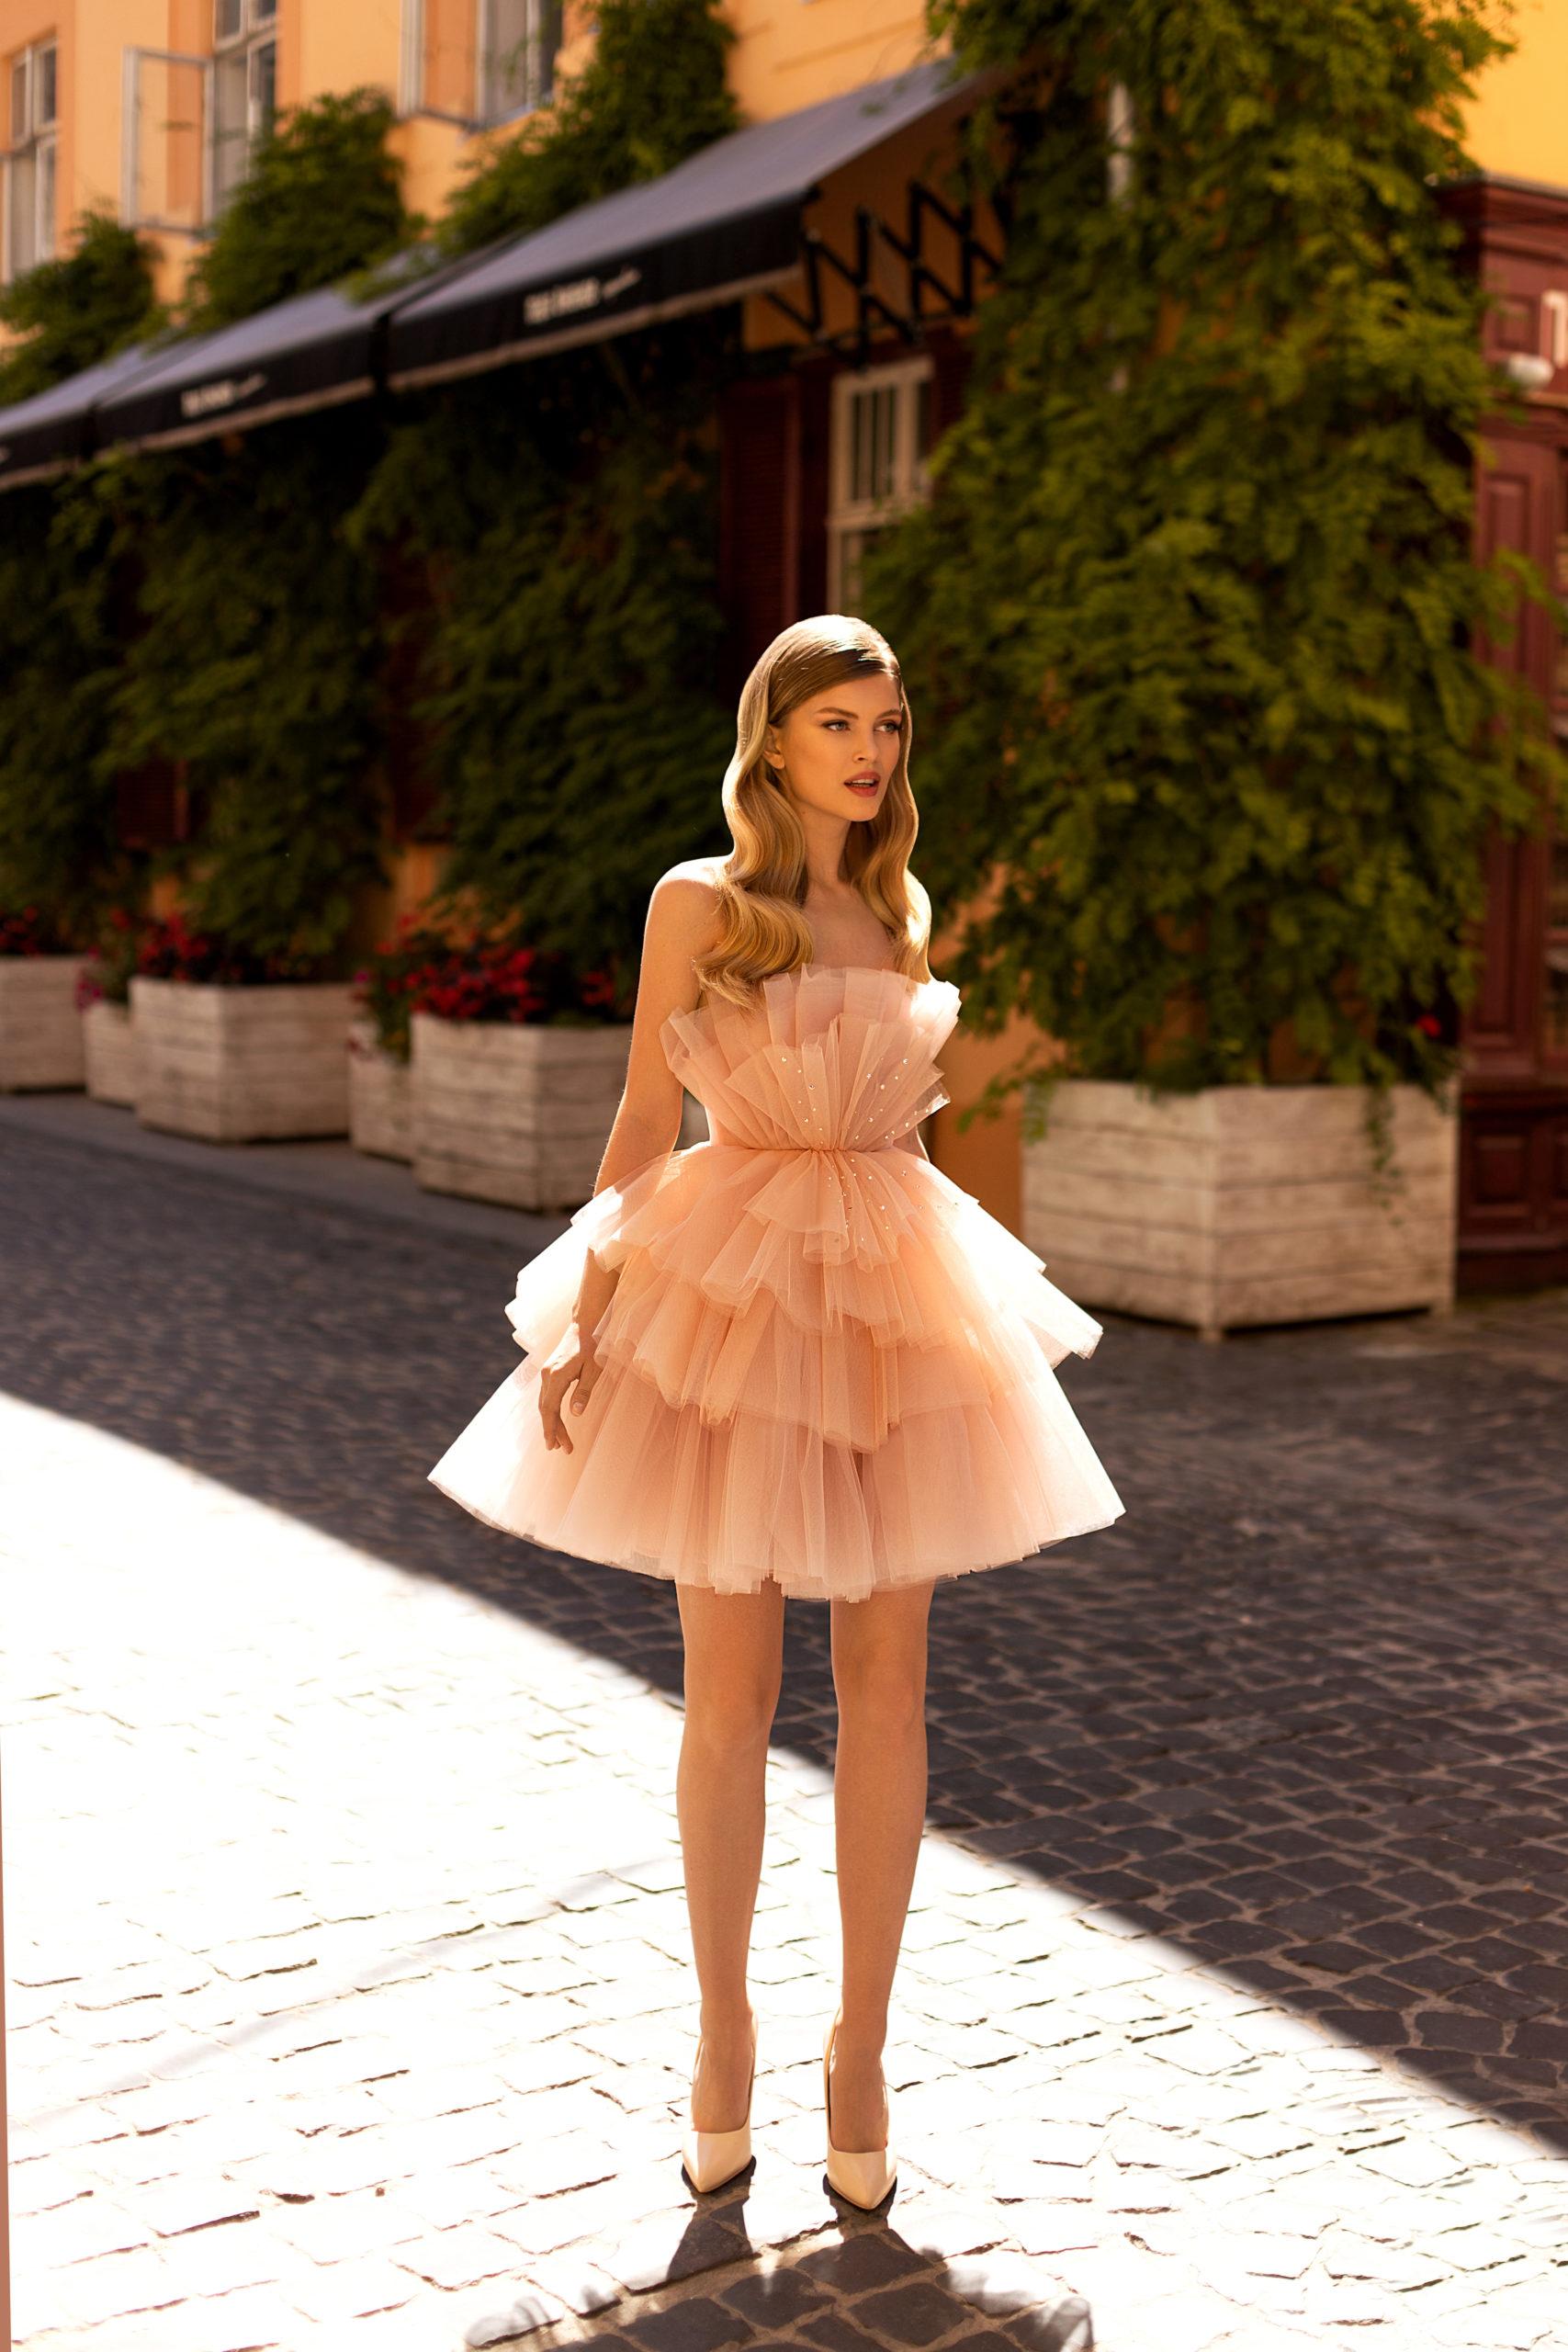 Robes haute couture Genève ricca sposa court mini rose baby pink bustier marshmallow paillettes invité cocktail